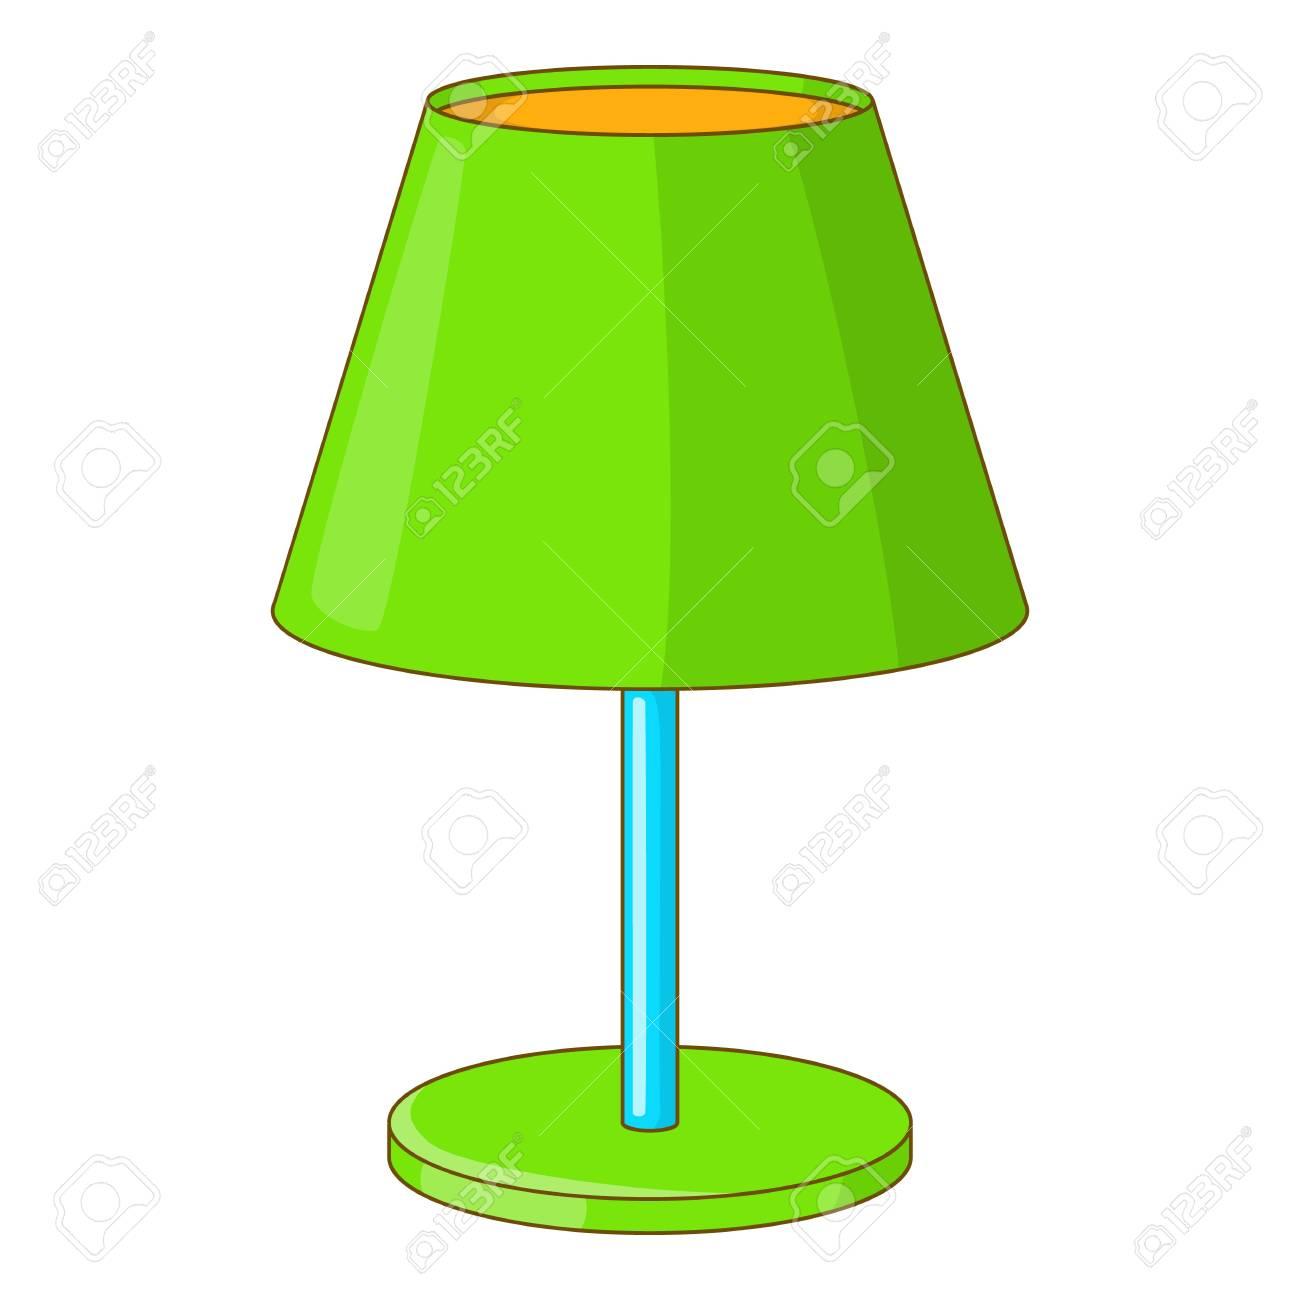 Icono De La Lámpara De Escritorio Verde. Ilustración De Dibujos ...